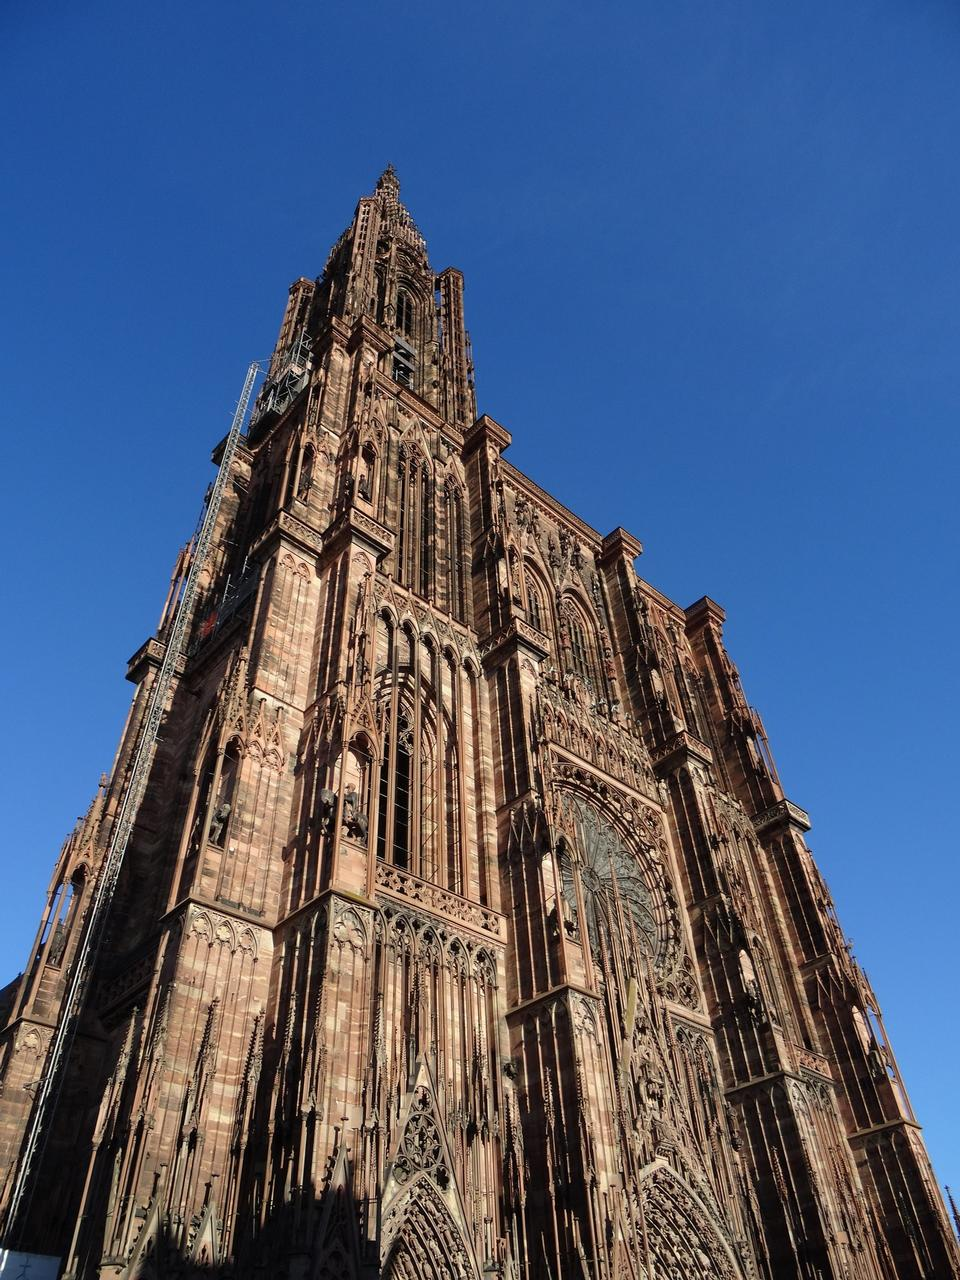 Veduta della facciata della Cattedrale di Nostra Signora di Strasburgo.